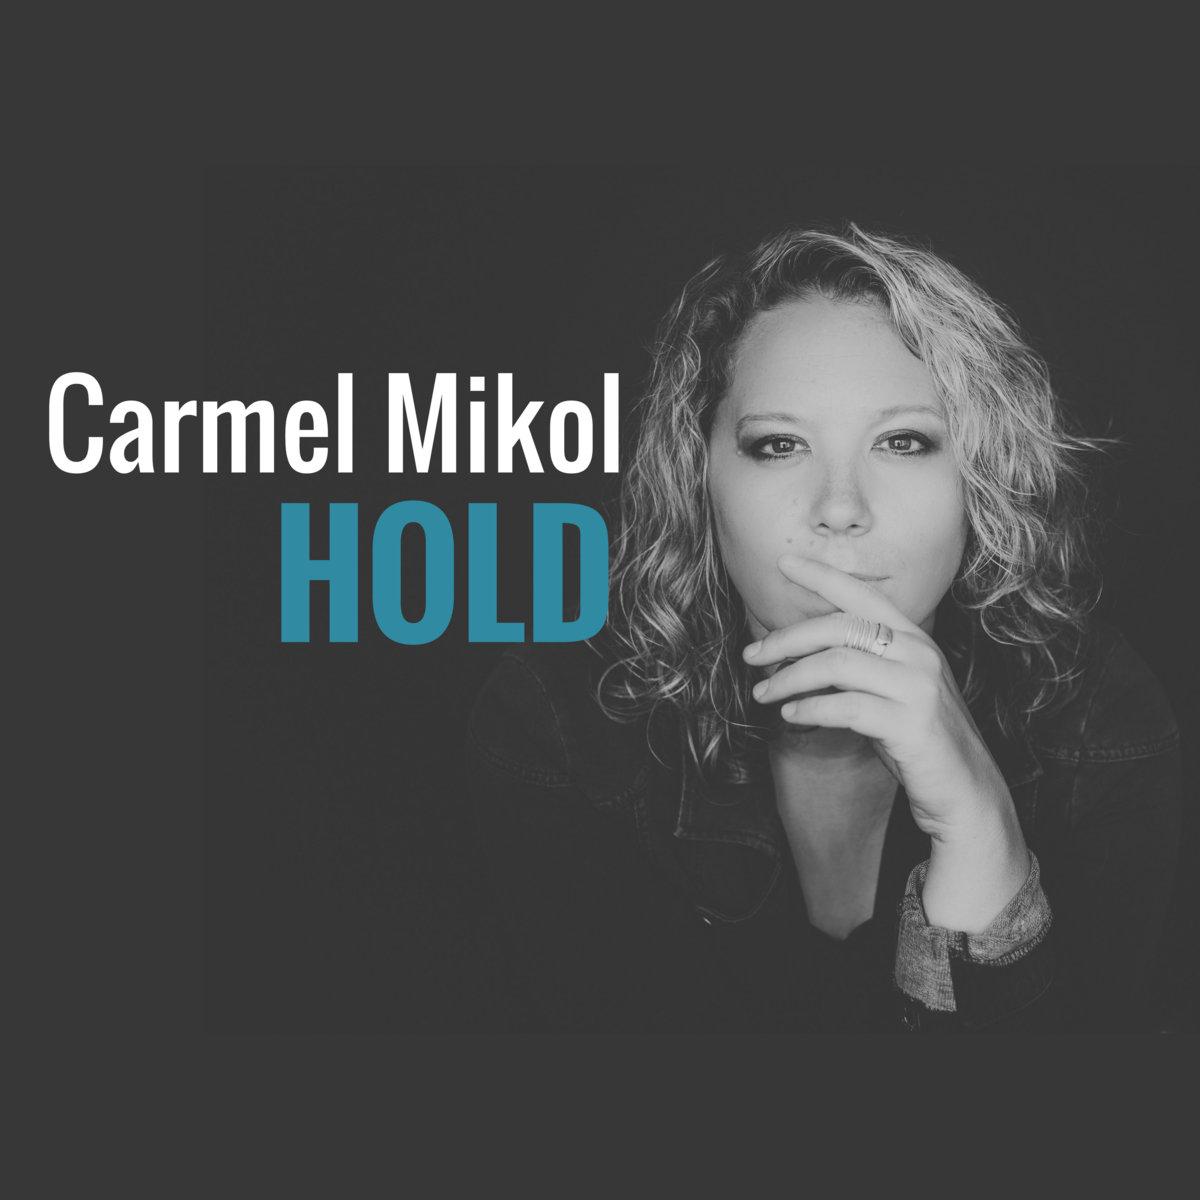 carmelmikol_hold.jpg